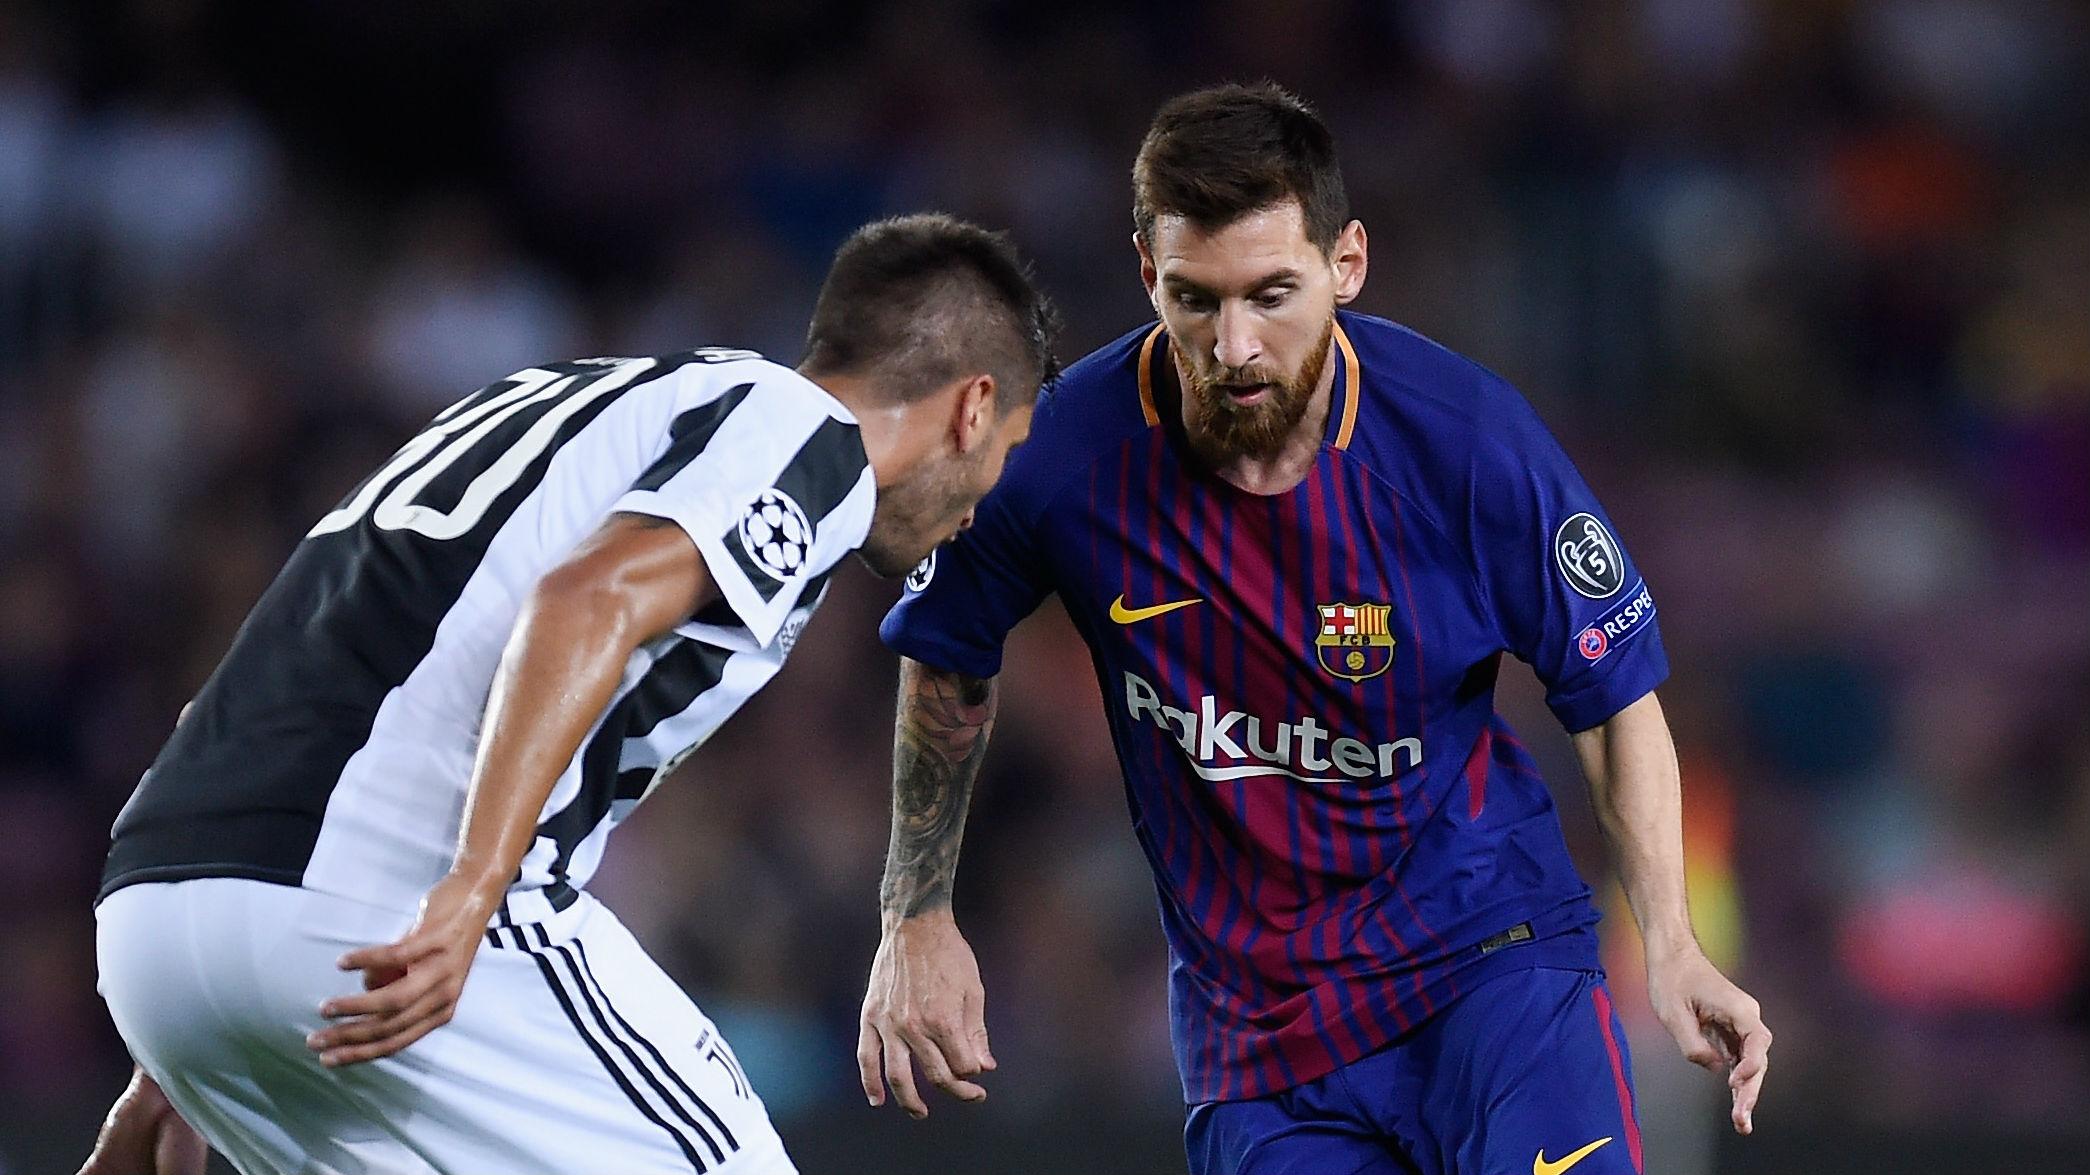 barcelone v juventus r u00e9sum u00e9 du match  12  09  2017  ligue